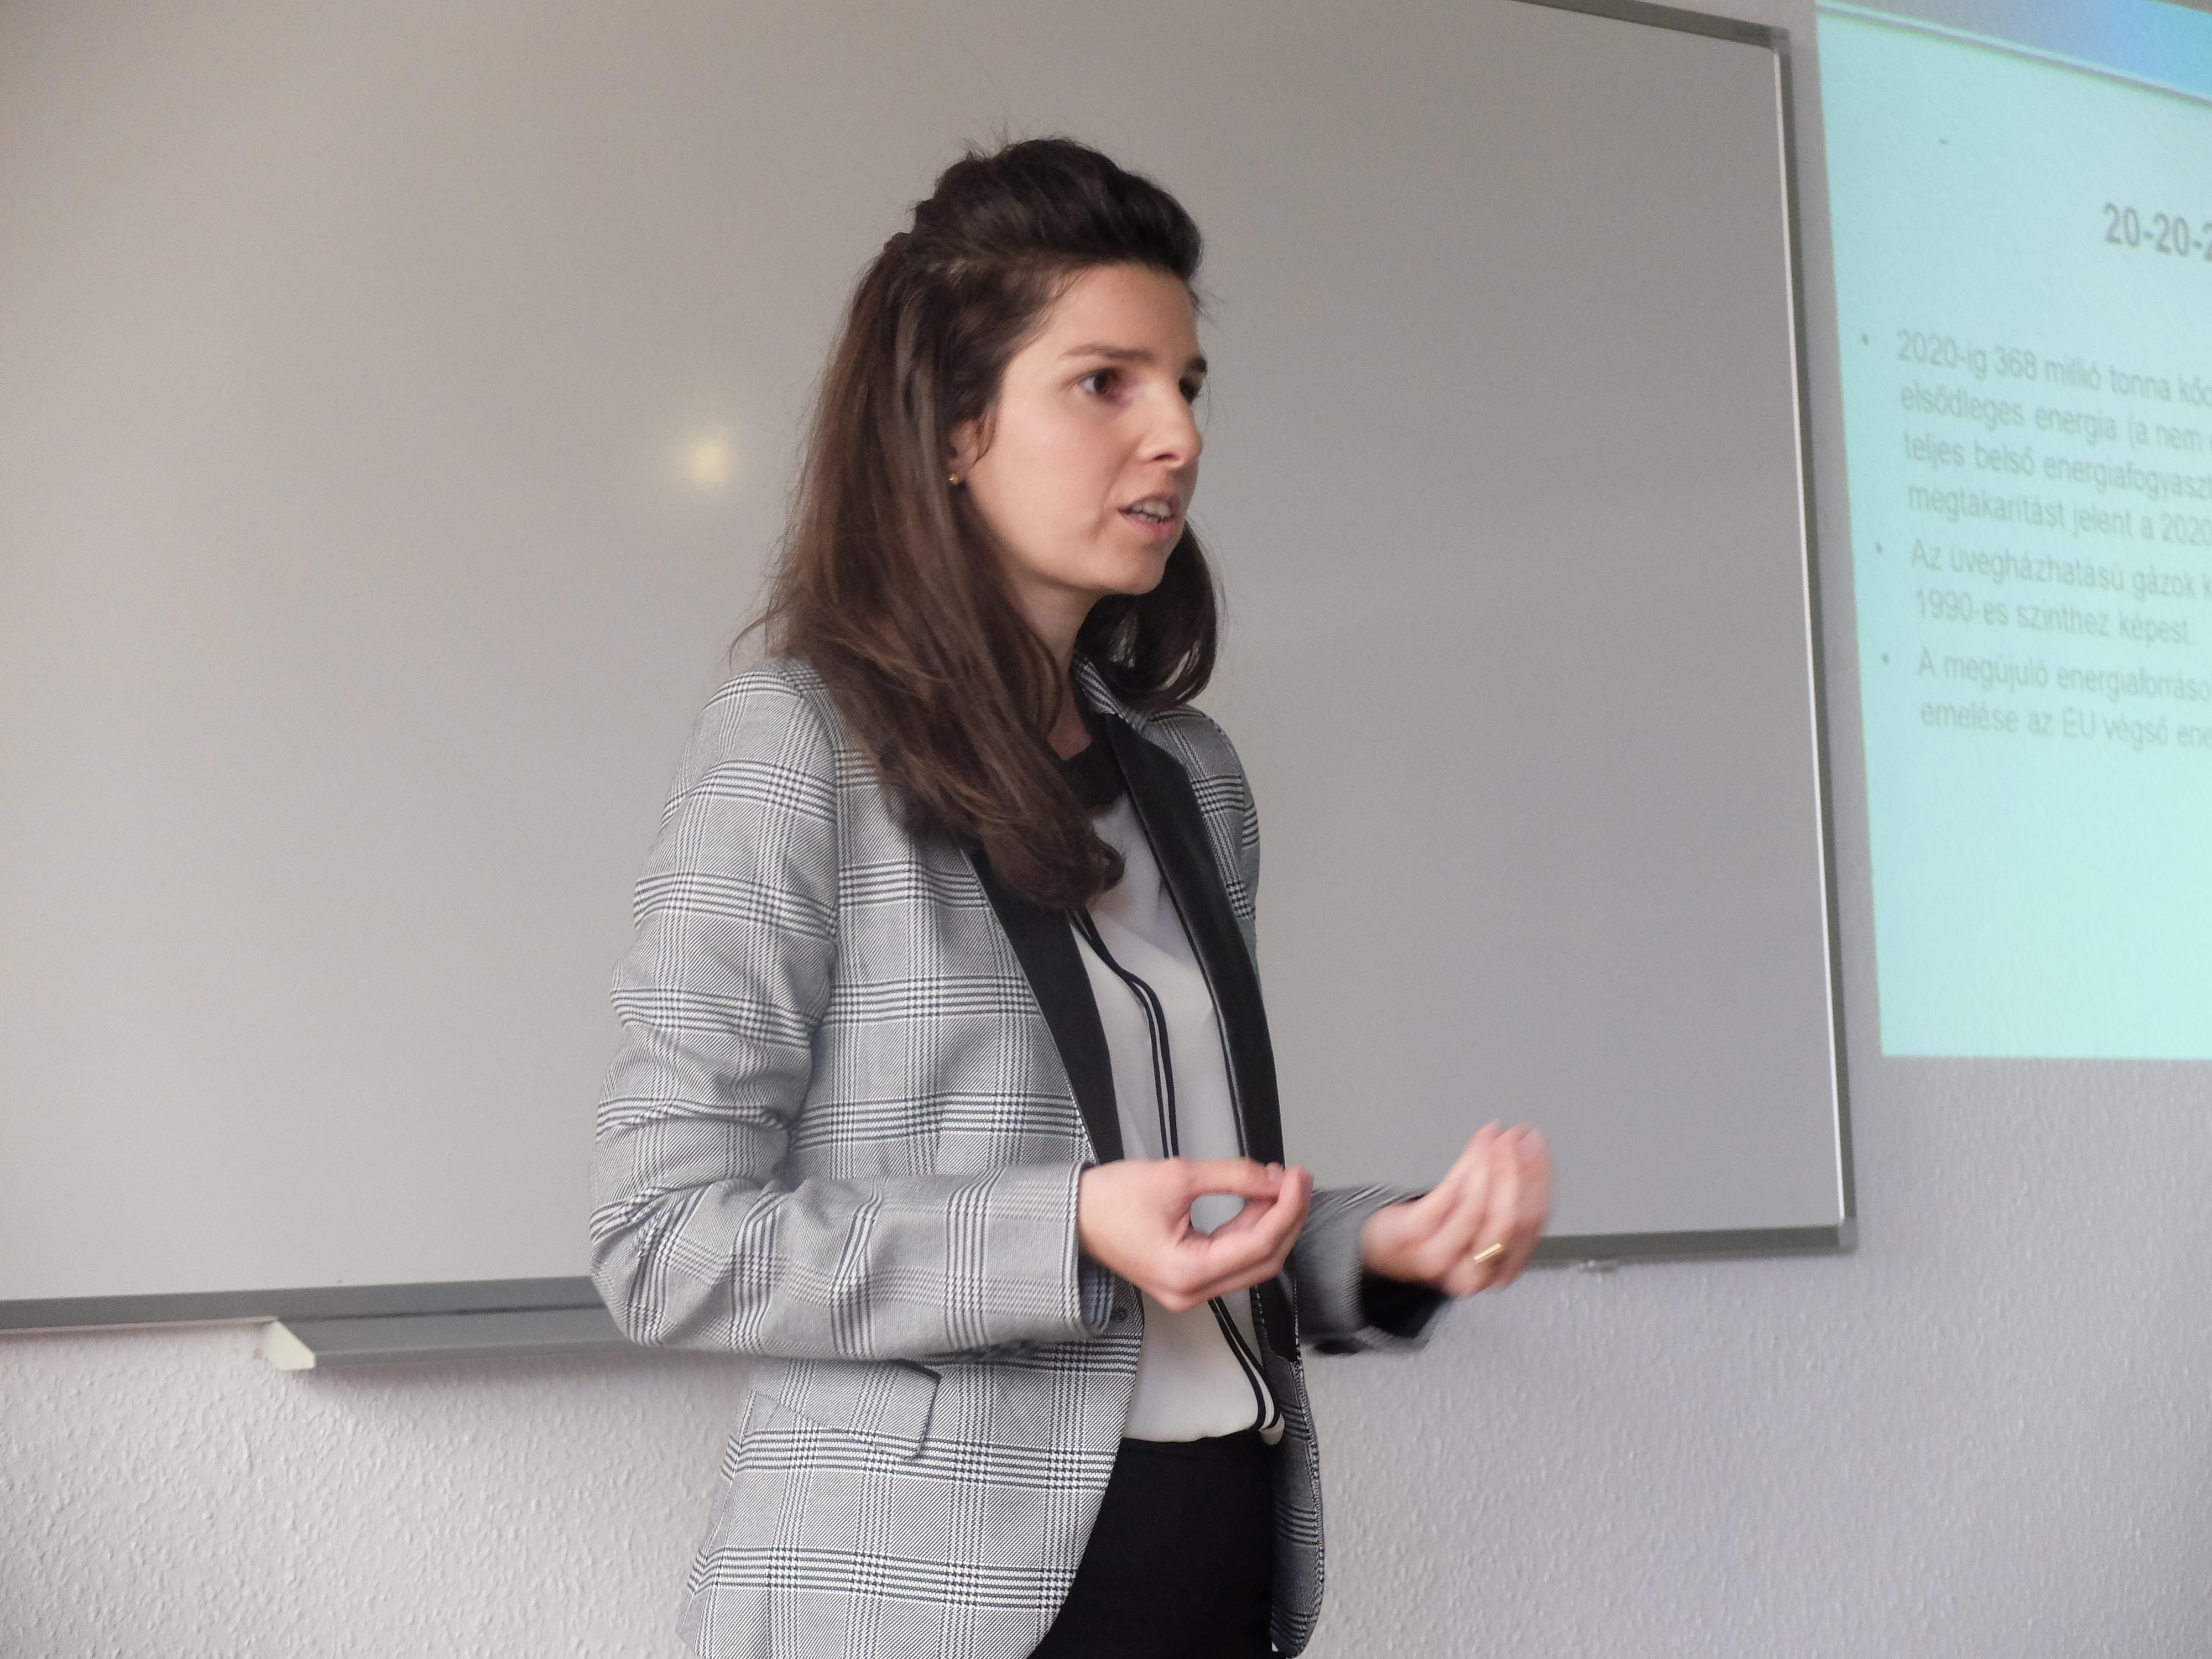 Sebestyénné Szép Tekla előadása a Magyar Regionális Tudományi Társaság XIII. Vándorgyűlésén, Egerben, 2015. november 20-án